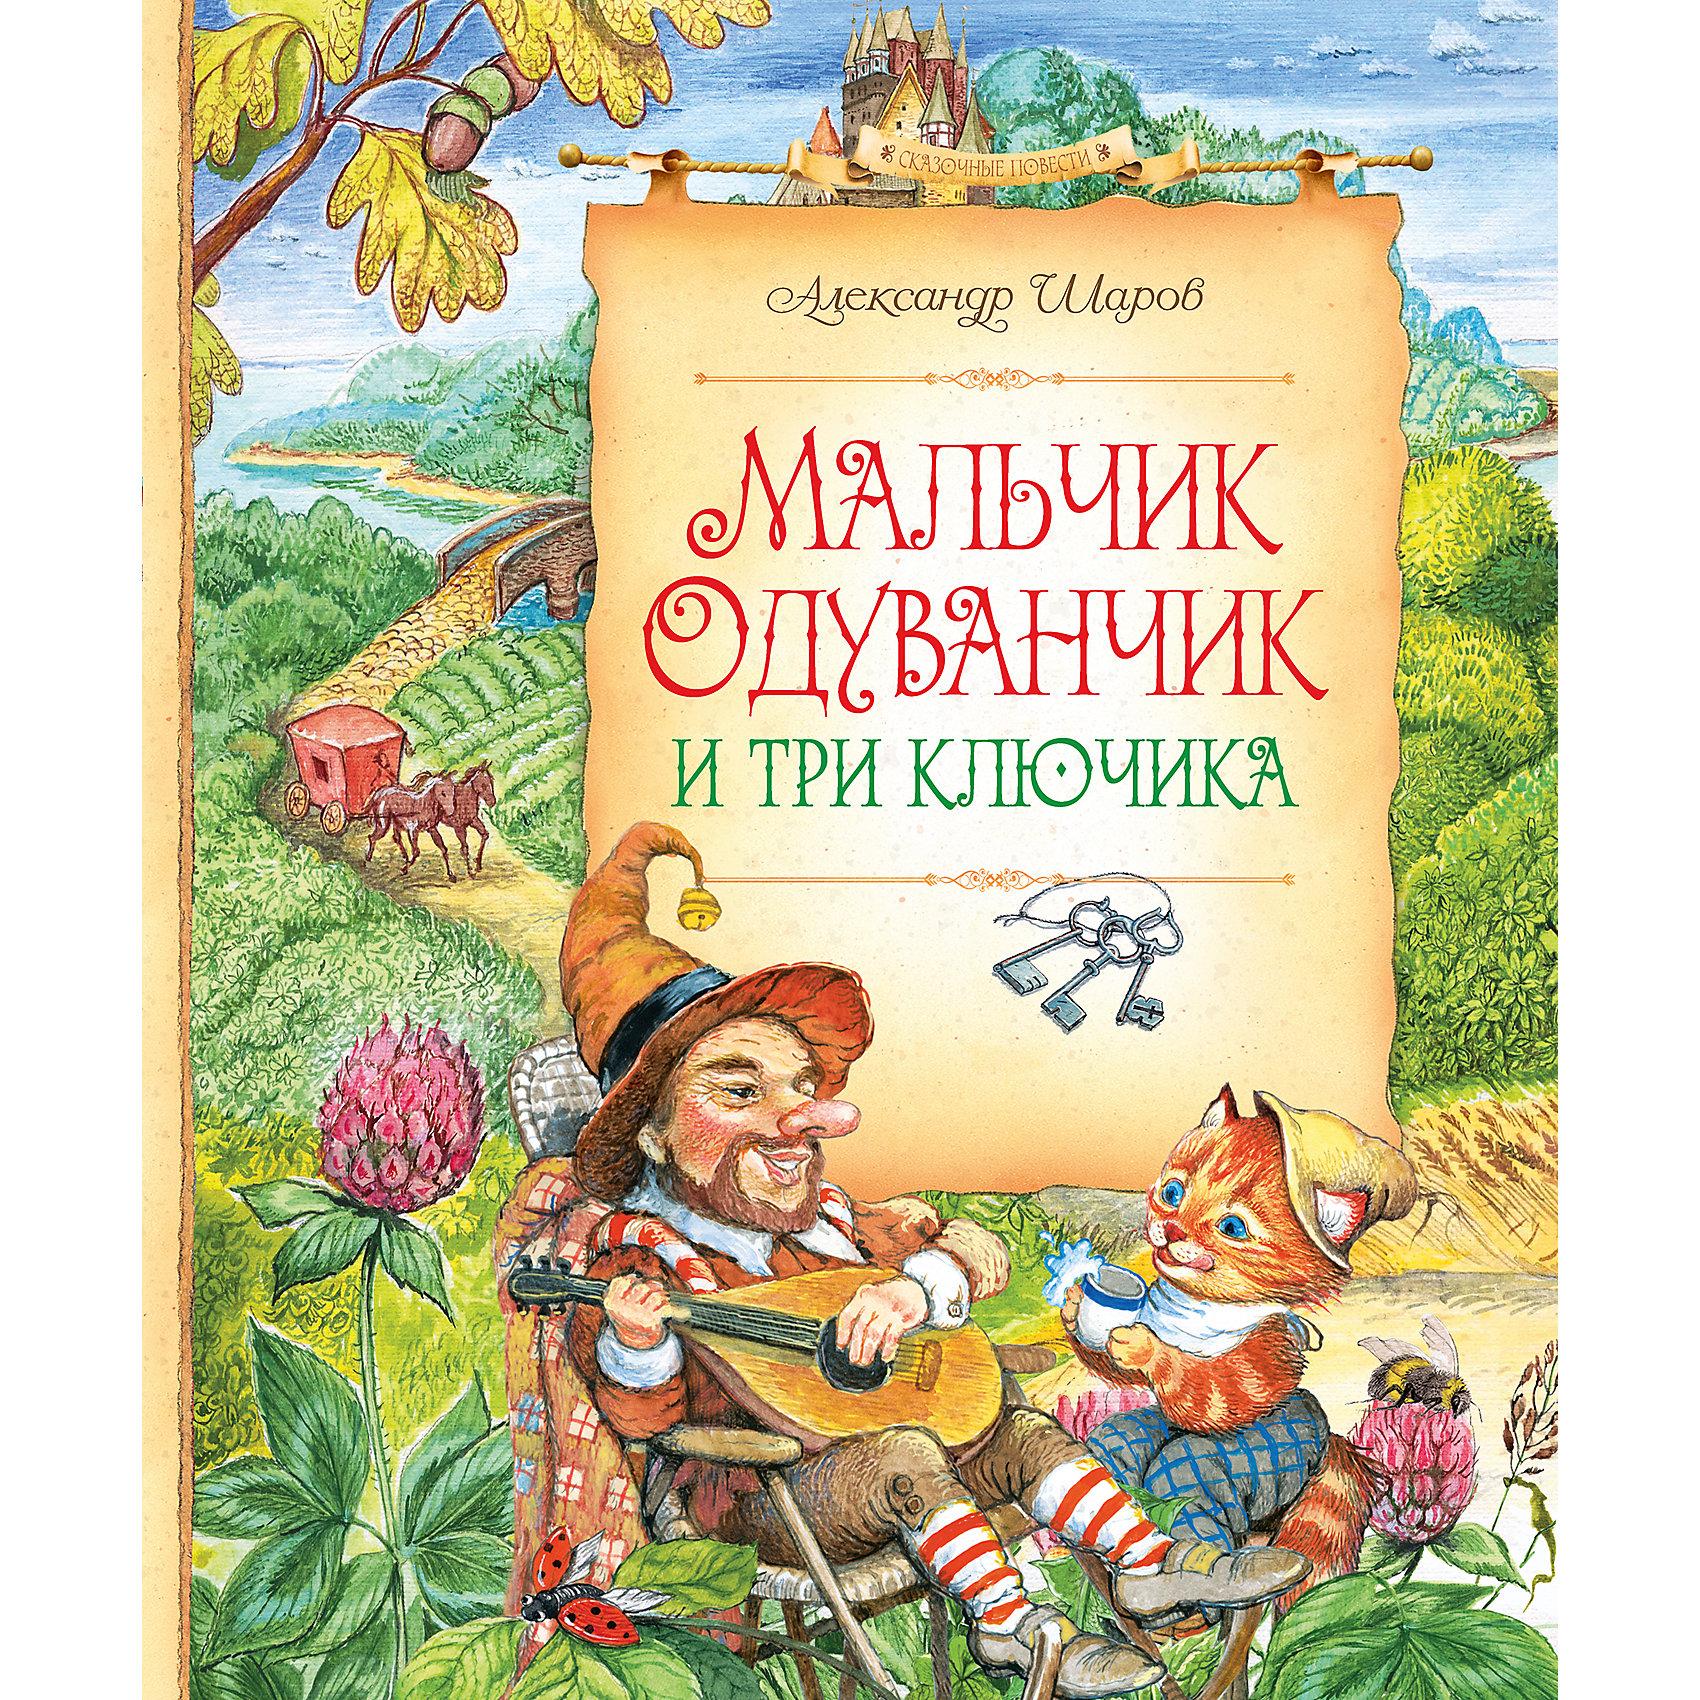 Мальчик Одуванчик и три ключика, А. ШаровСказки<br>АЛЕКСАНДР ШАРОВ – писатель, известный не только в России, но и за рубежом. Он одинаково глубоко, честно и открыто пишет как для детей, так и для взрослых. Мир его произведений потрясающе реальный, даже если это сказка, а язык – живой и выразительный.<br><br>Серьёзные, умные и тонкие произведения Александра Шарова, дополненные изумительными иллюстрациями Ирины Егоровой, позволяют поговорить с детьми на очень важные темы: о преданности, зависти, ответственности, эгоизме, гармонии, выборе пути, судьбе и смысле жизни.<br><br>Ширина мм: 235<br>Глубина мм: 195<br>Высота мм: 11<br>Вес г: 391<br>Возраст от месяцев: 84<br>Возраст до месяцев: 120<br>Пол: Унисекс<br>Возраст: Детский<br>SKU: 4818084